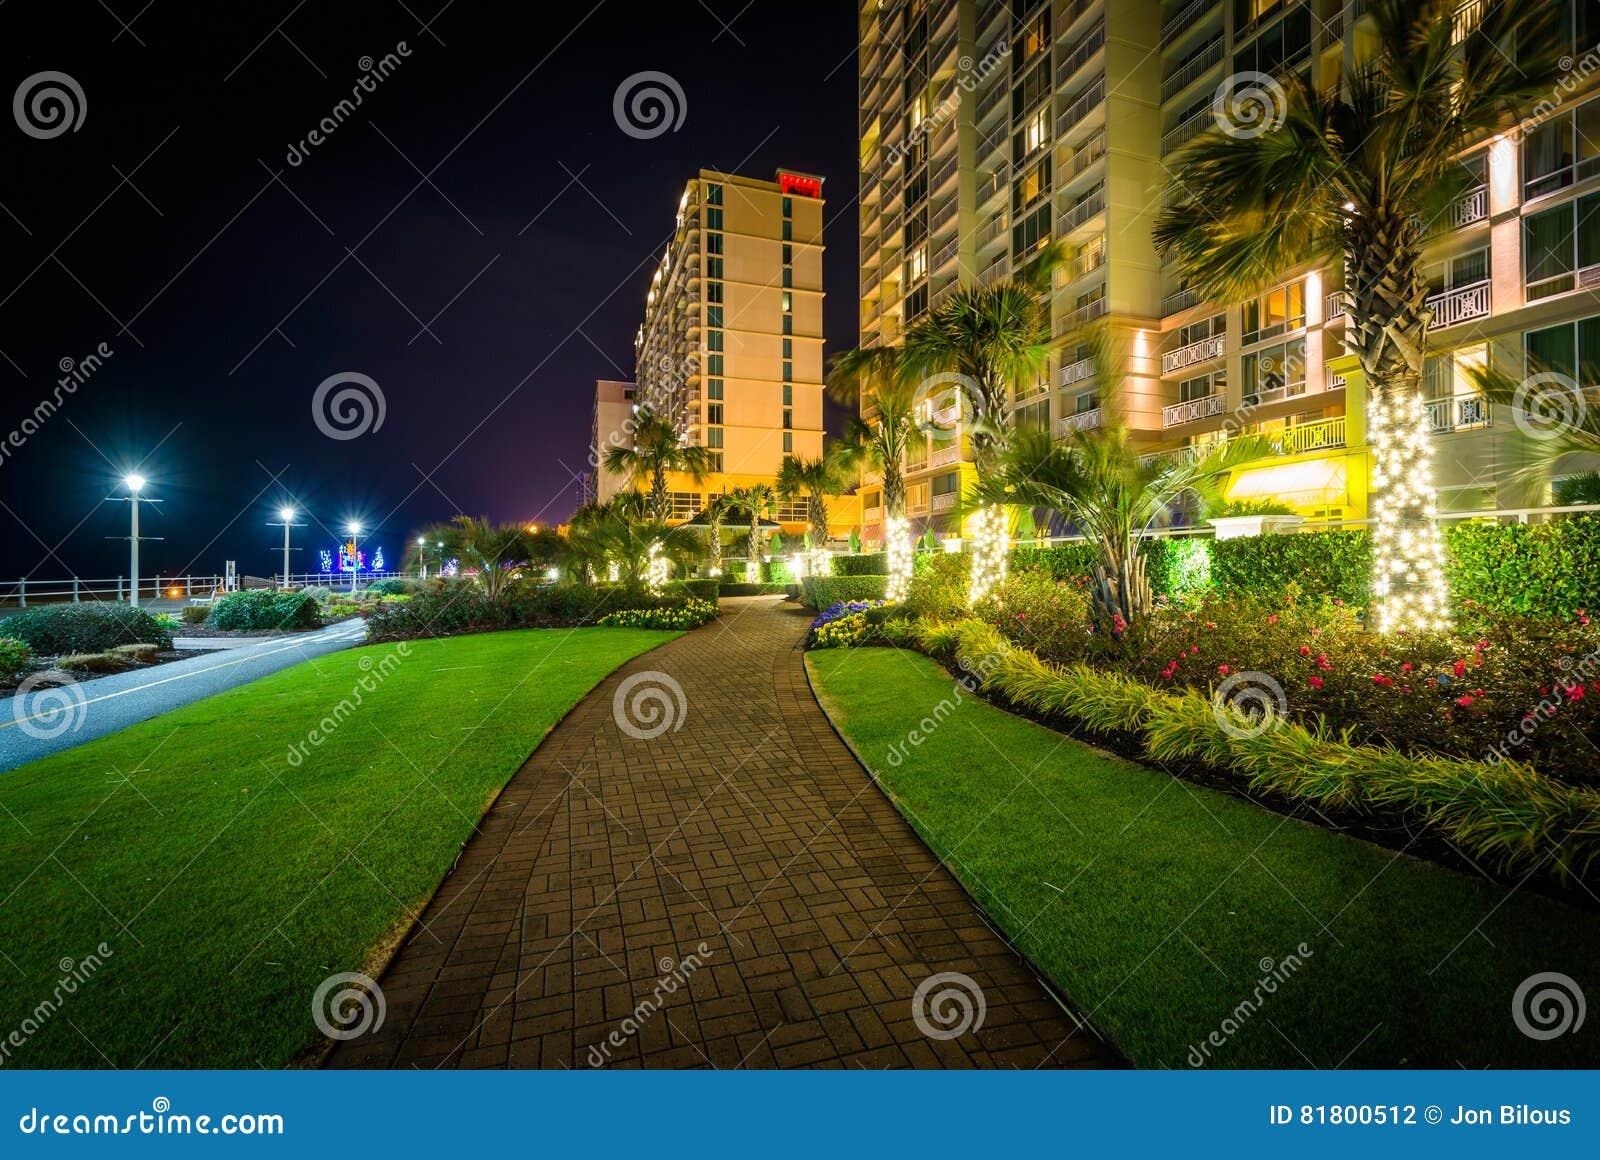 Пальмы и гостиницы highrise вдоль дорожки на ноче, в Virg